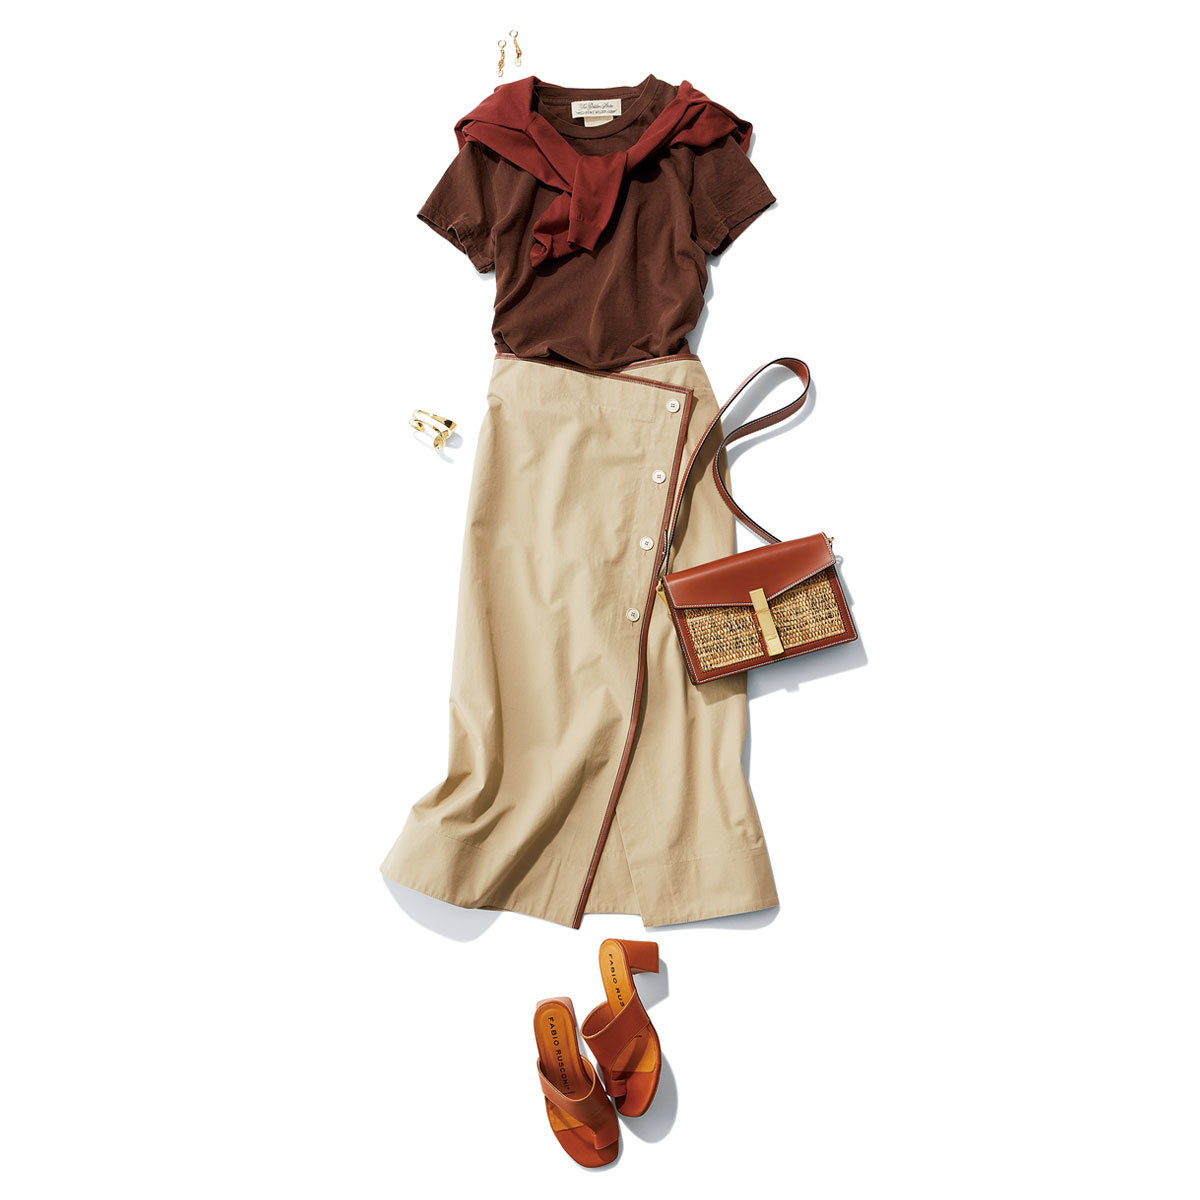 ブラウンTシャツ×ベージュスカートの女っぷりコーデ